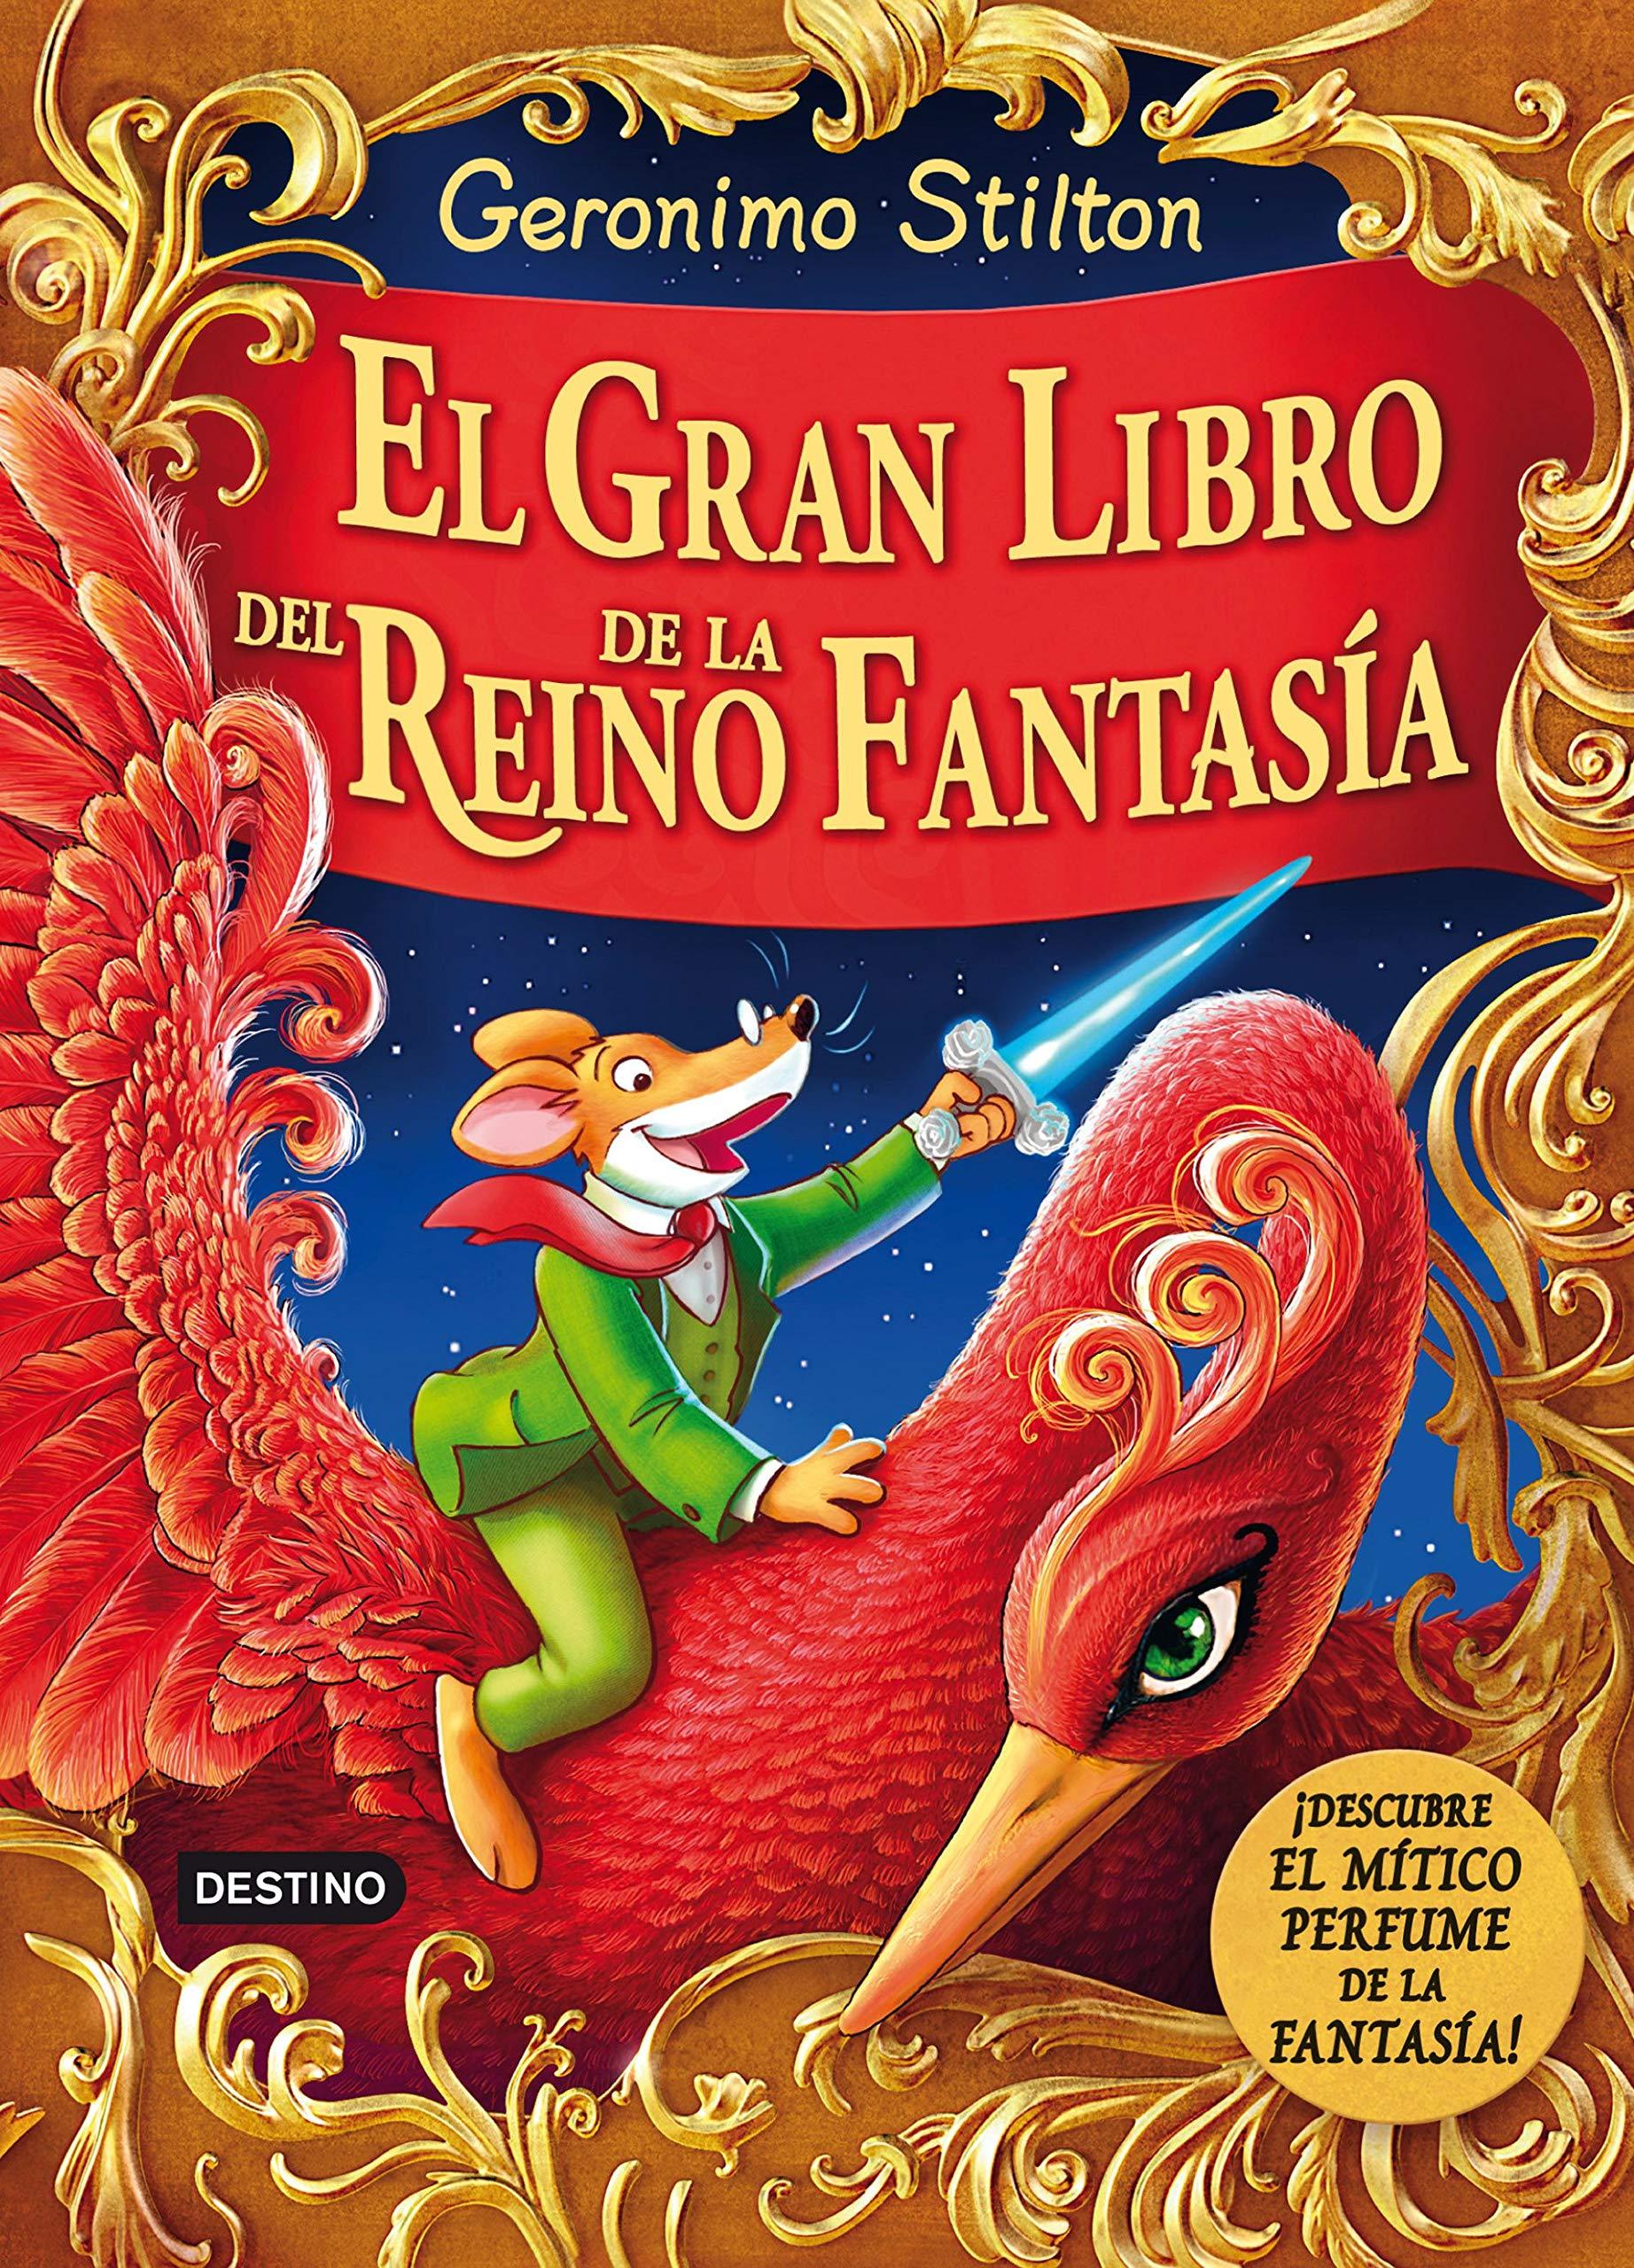 El gran libro del Reino de la Fantasía: ¡Descubre el mítico perfume de la  fantasía! Geronimo Stilton: Amazon.es: Geronimo Stilton, Miguel García:  Libros